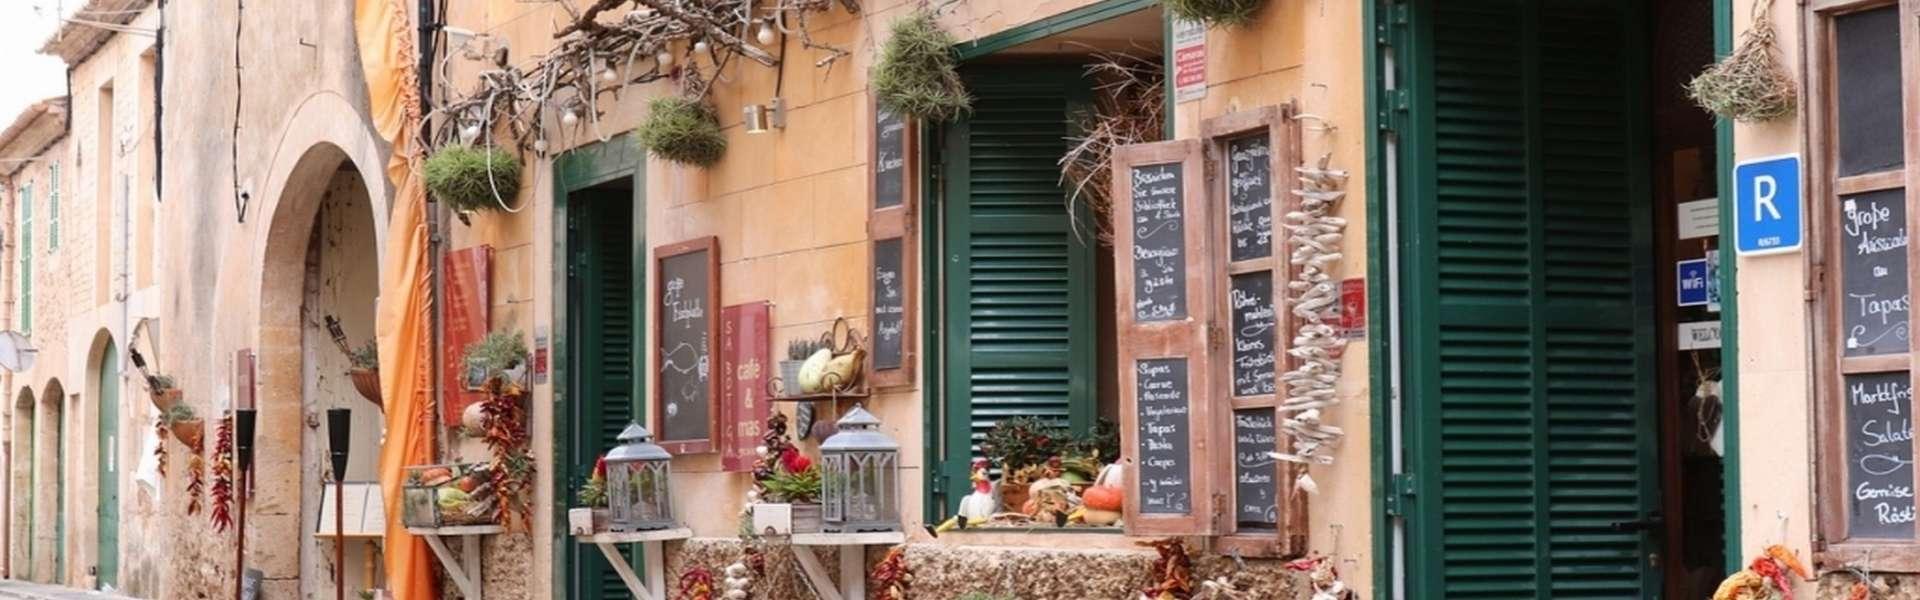 Alqueria Blanca - Kernsaniertes Stadthaus im Herzen des malerischen Dorfes